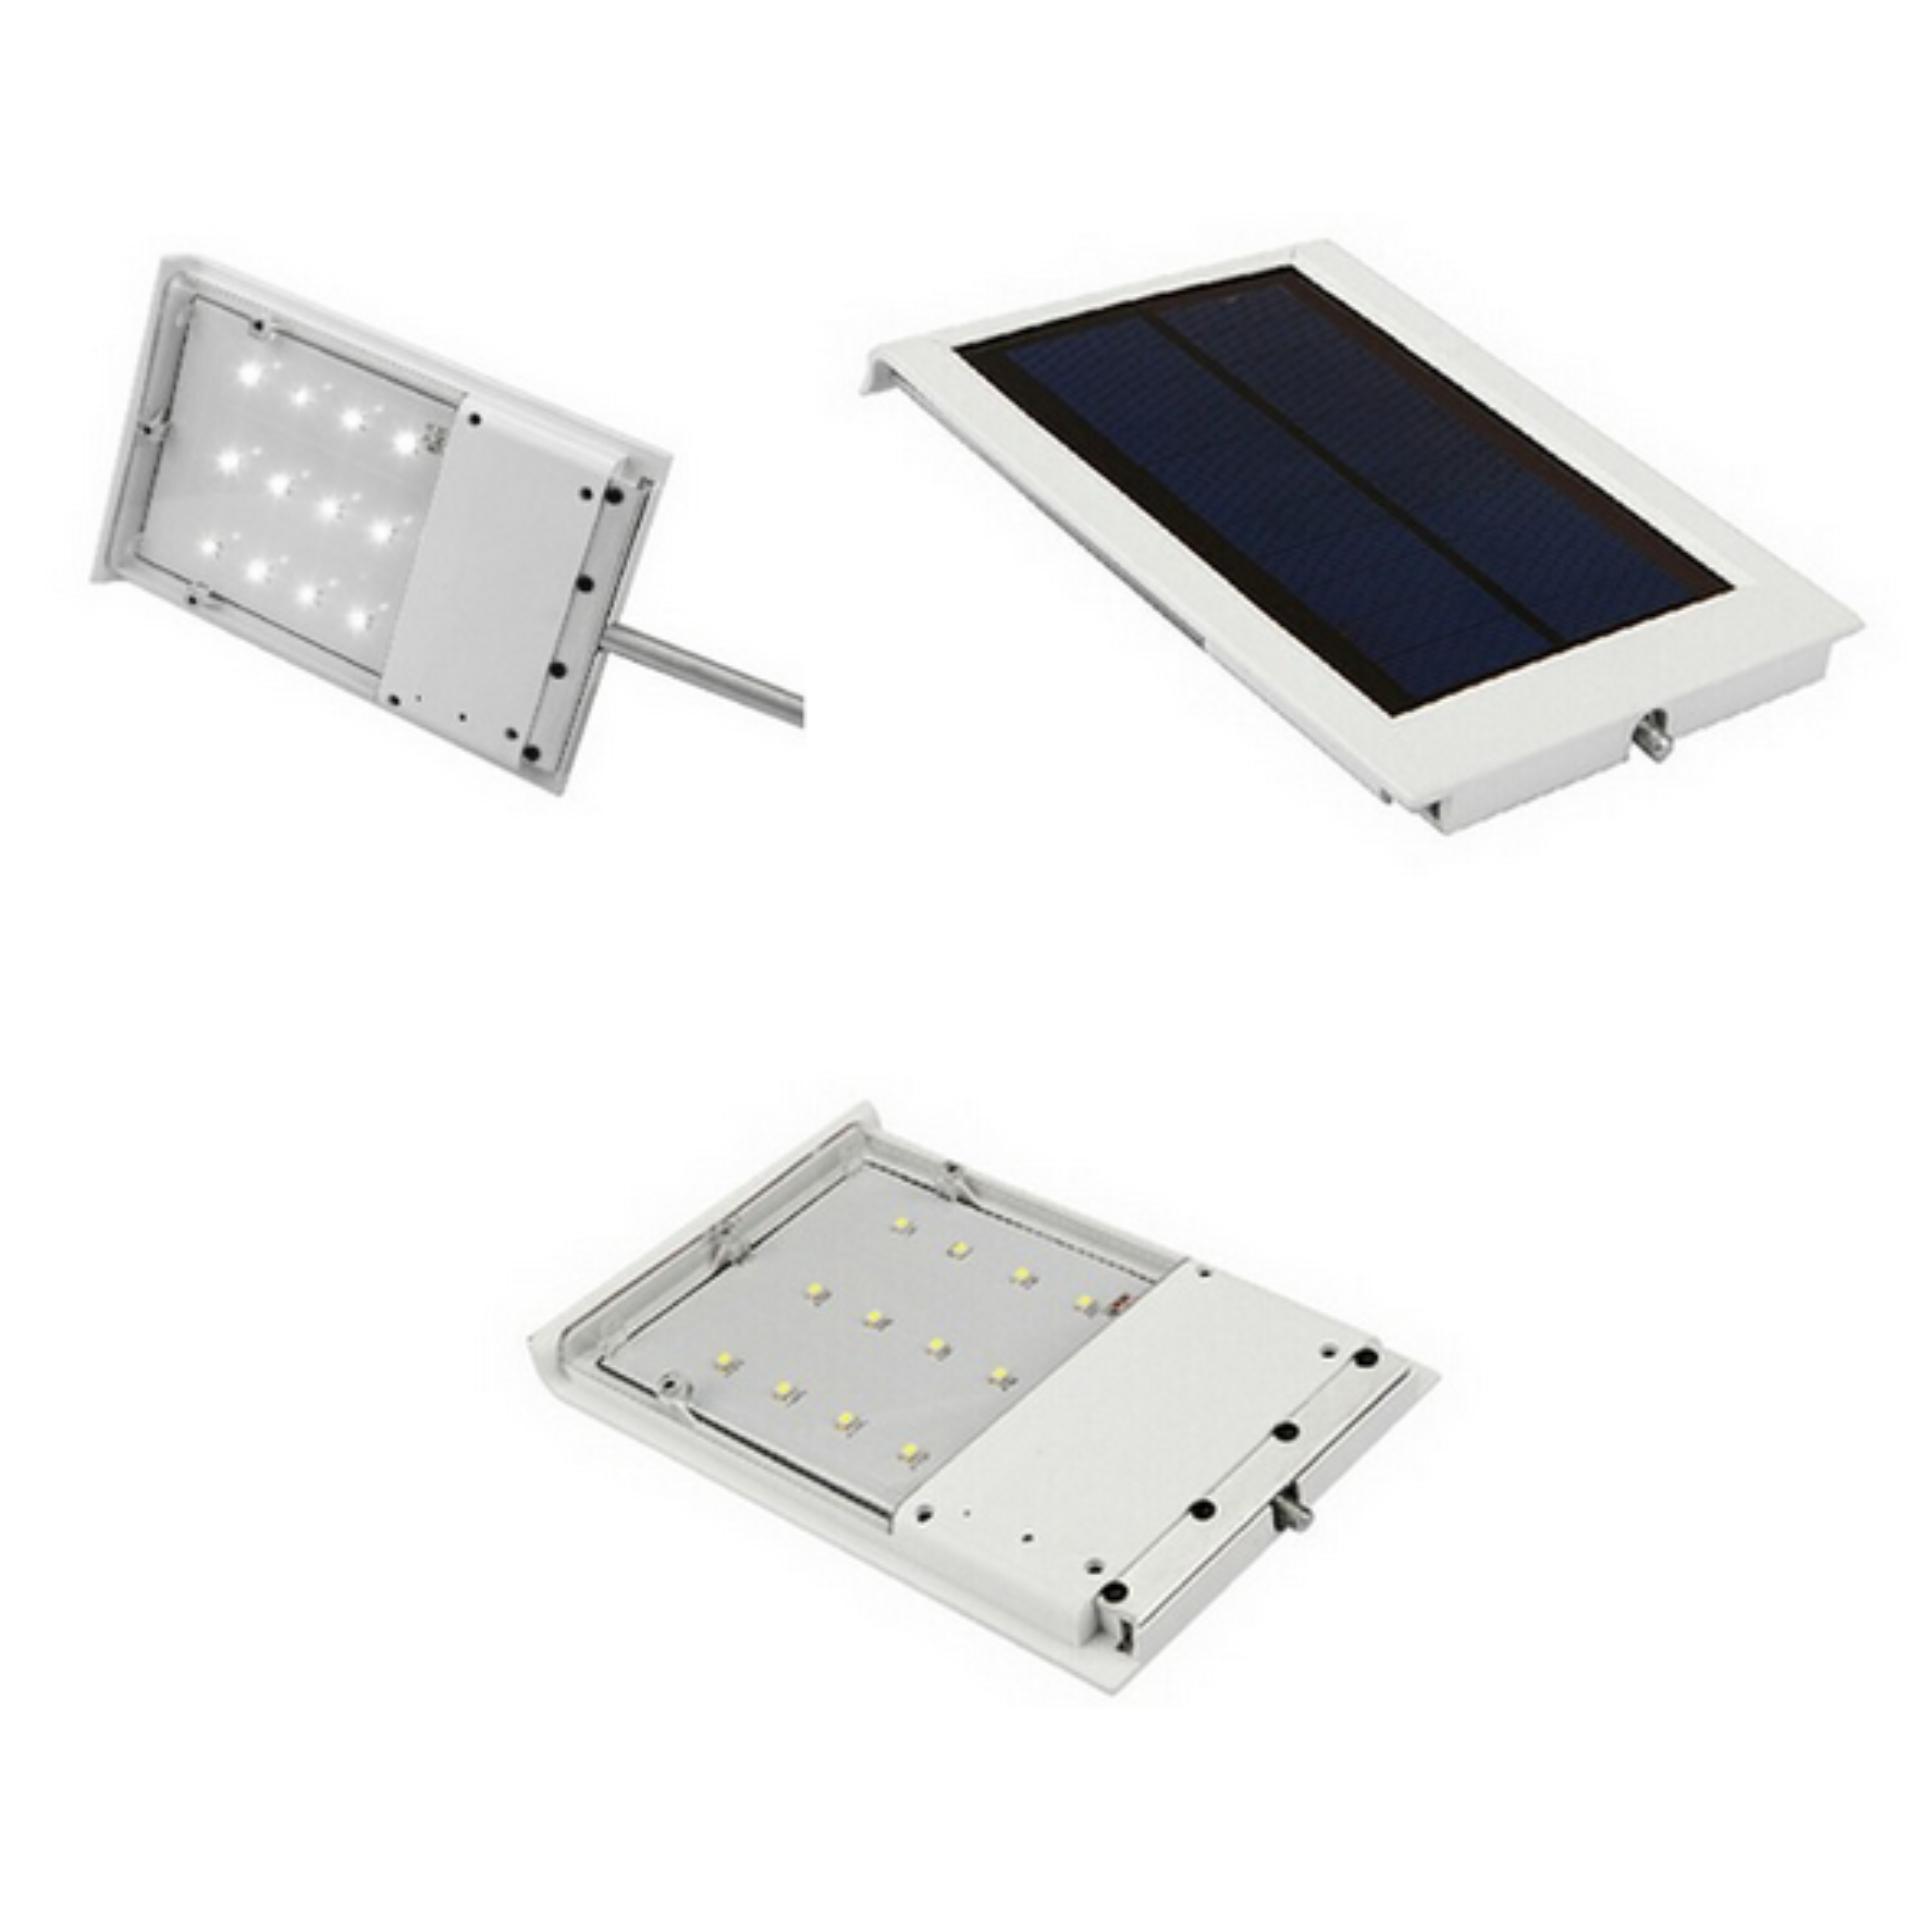 Lampu Tenaga Surya Penerangan Jalan Umum (PJU) 12 LED 120LM - Solar Panel